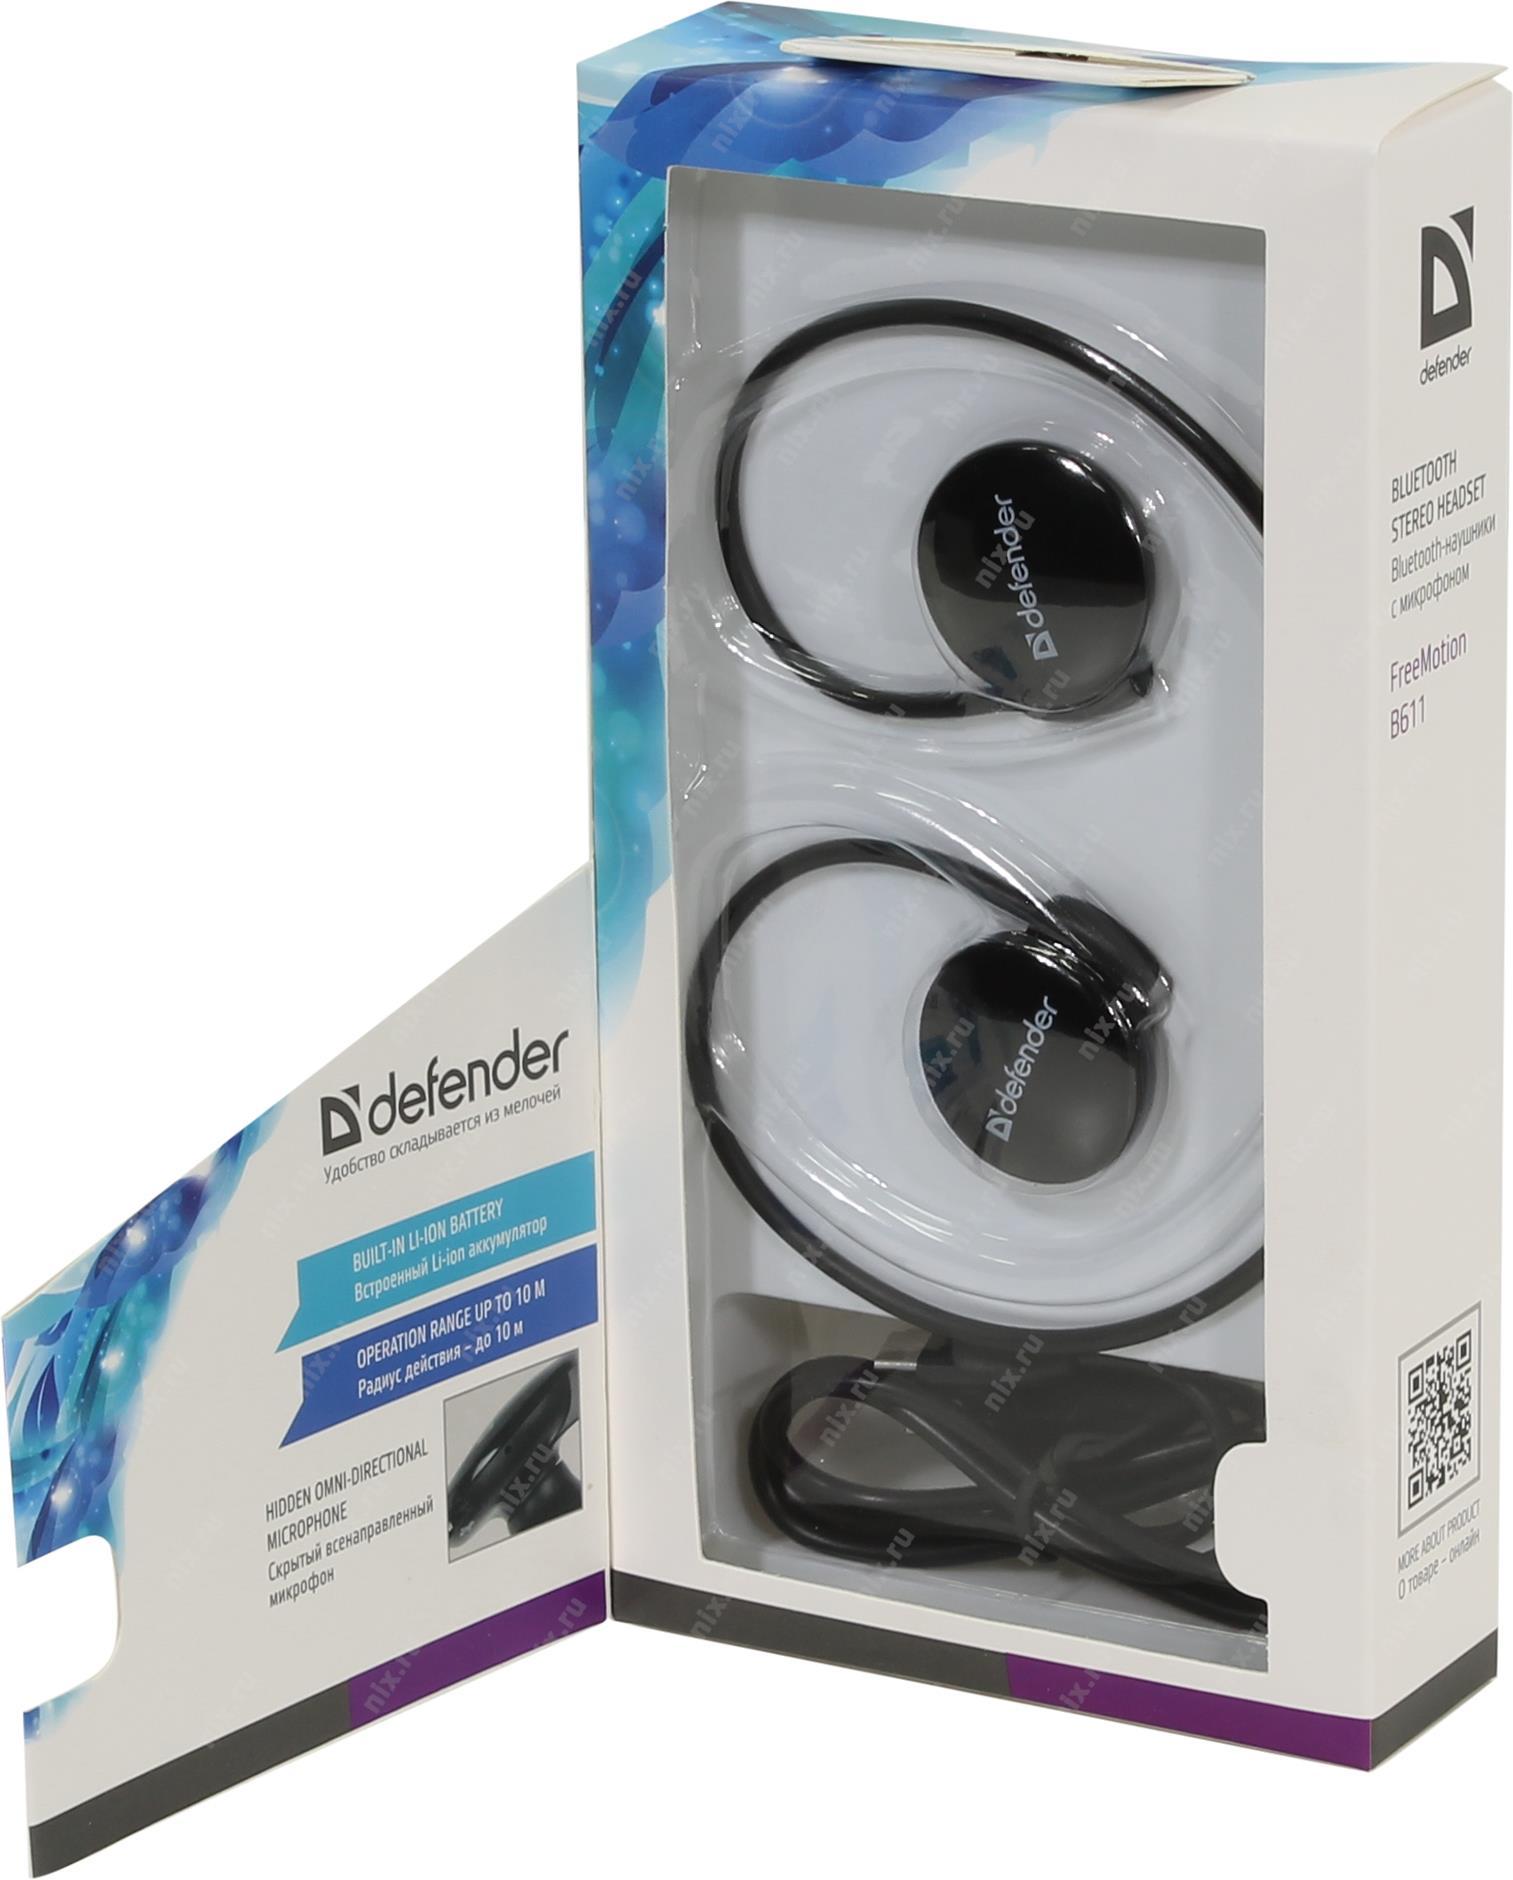 Sportovní sluchátka za uši vám nabídnou neomezený pohyb při poslechu hudby nebo také jako hands-free set pro telefonování přes mobilní telefon při běžných i outdoorových aktivitách.